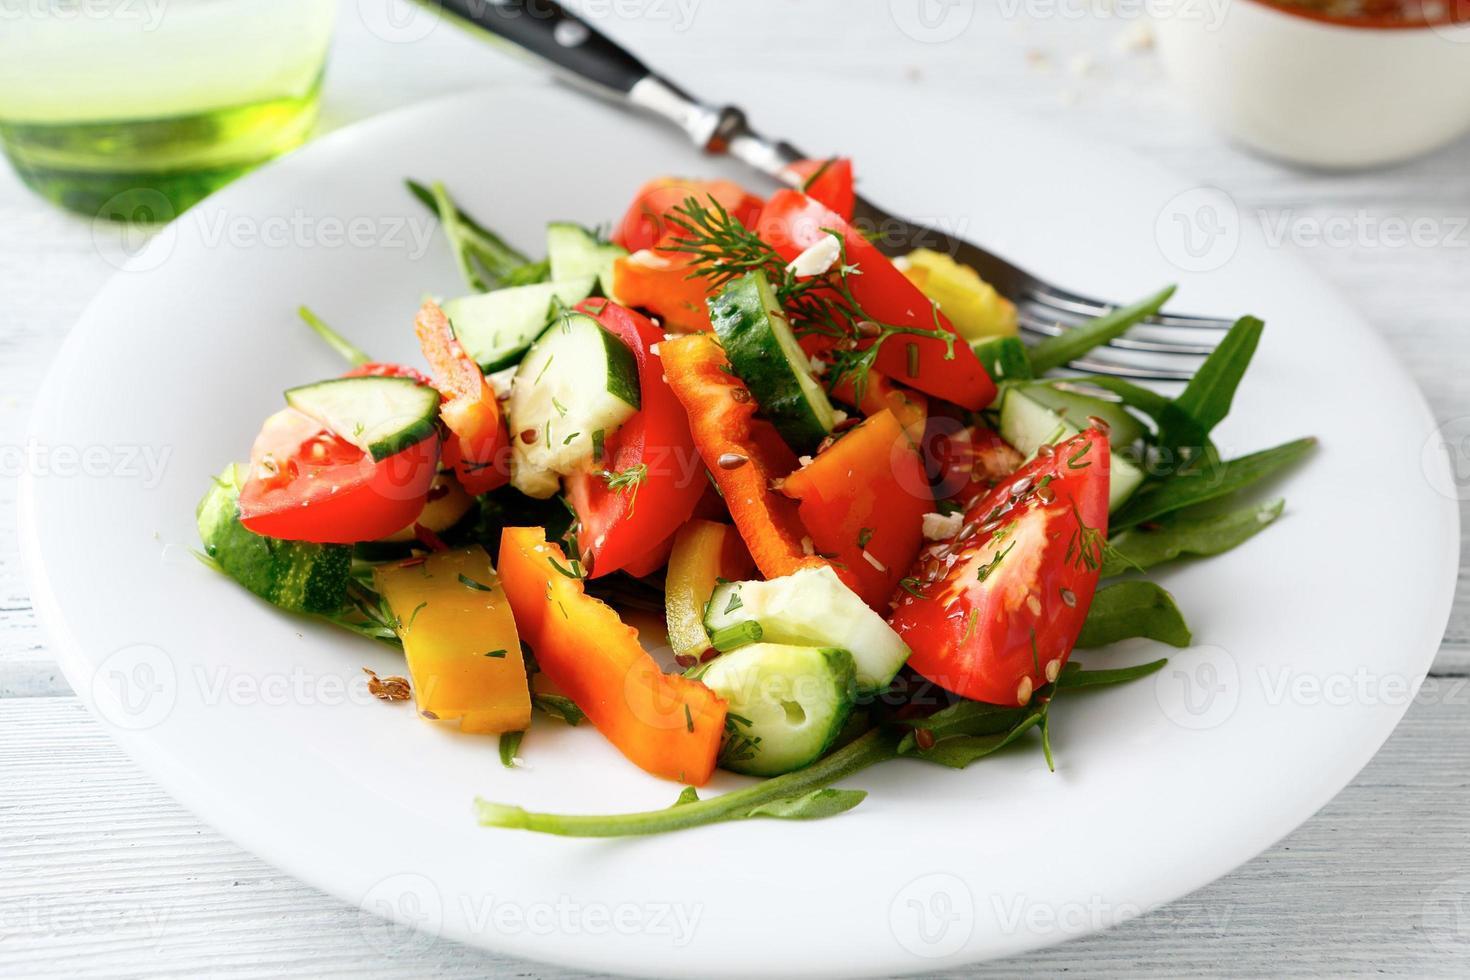 insalata fresca con pomodori, cetrioli e rucola foto